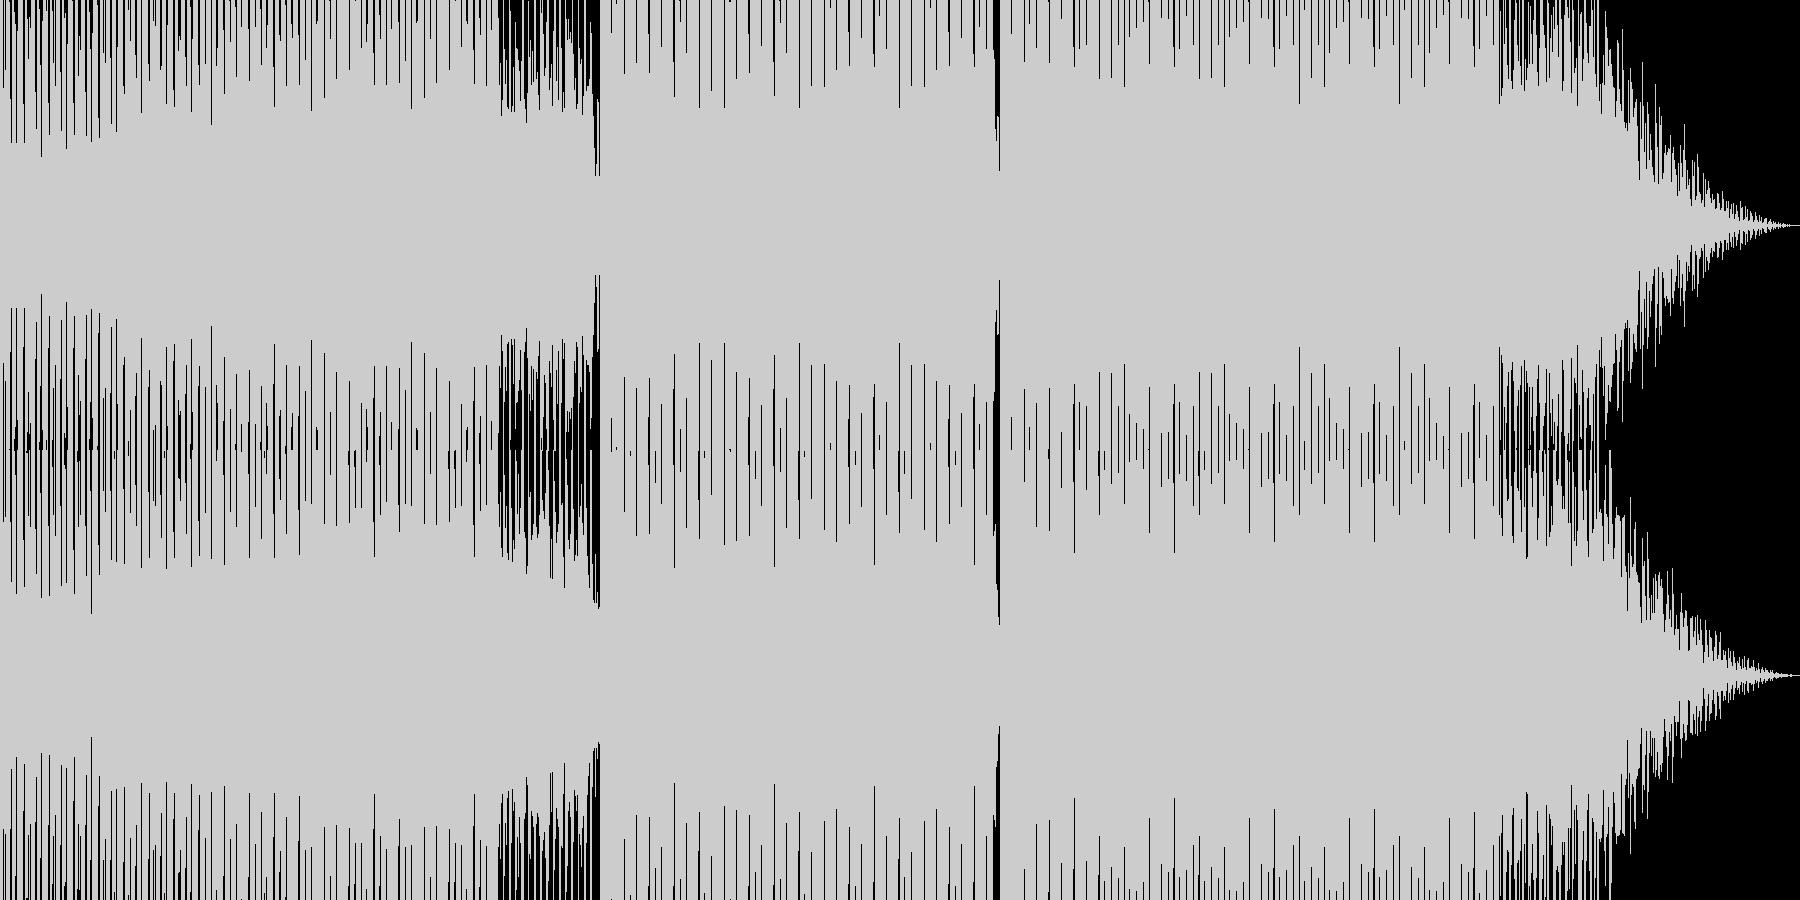 明るいダンス用BGM4の未再生の波形